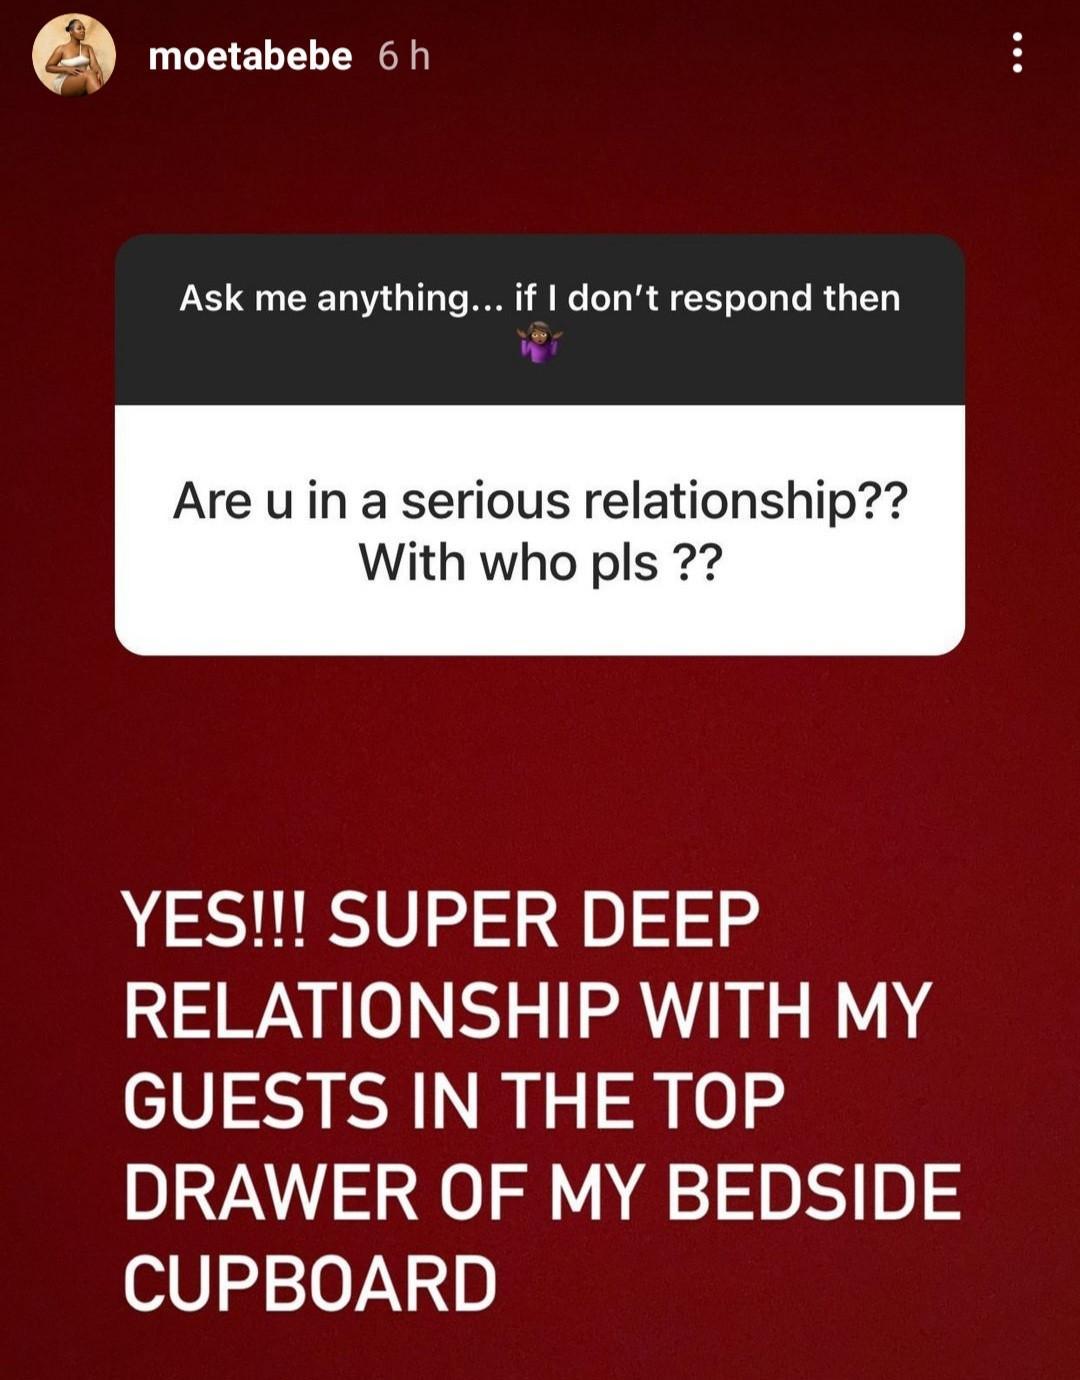 Moet Abebe marriage fraud